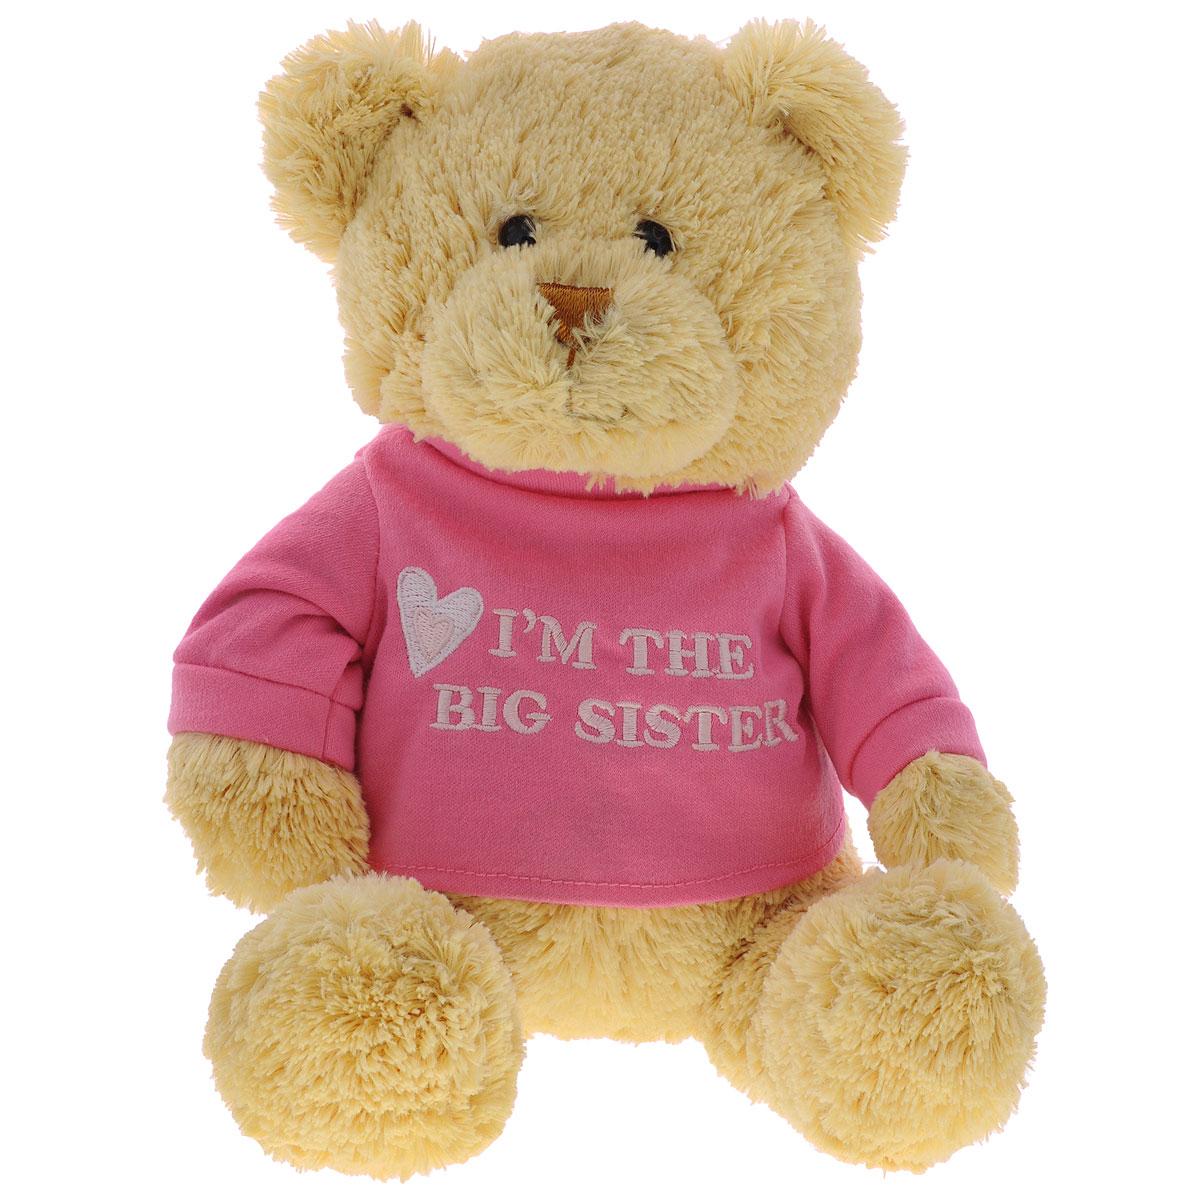 Мягкая игрушка Gund Big Sister, 29 см мягкие игрушки gund игрушка мягкая itty bitty boo daisy boo 12 5 см gund